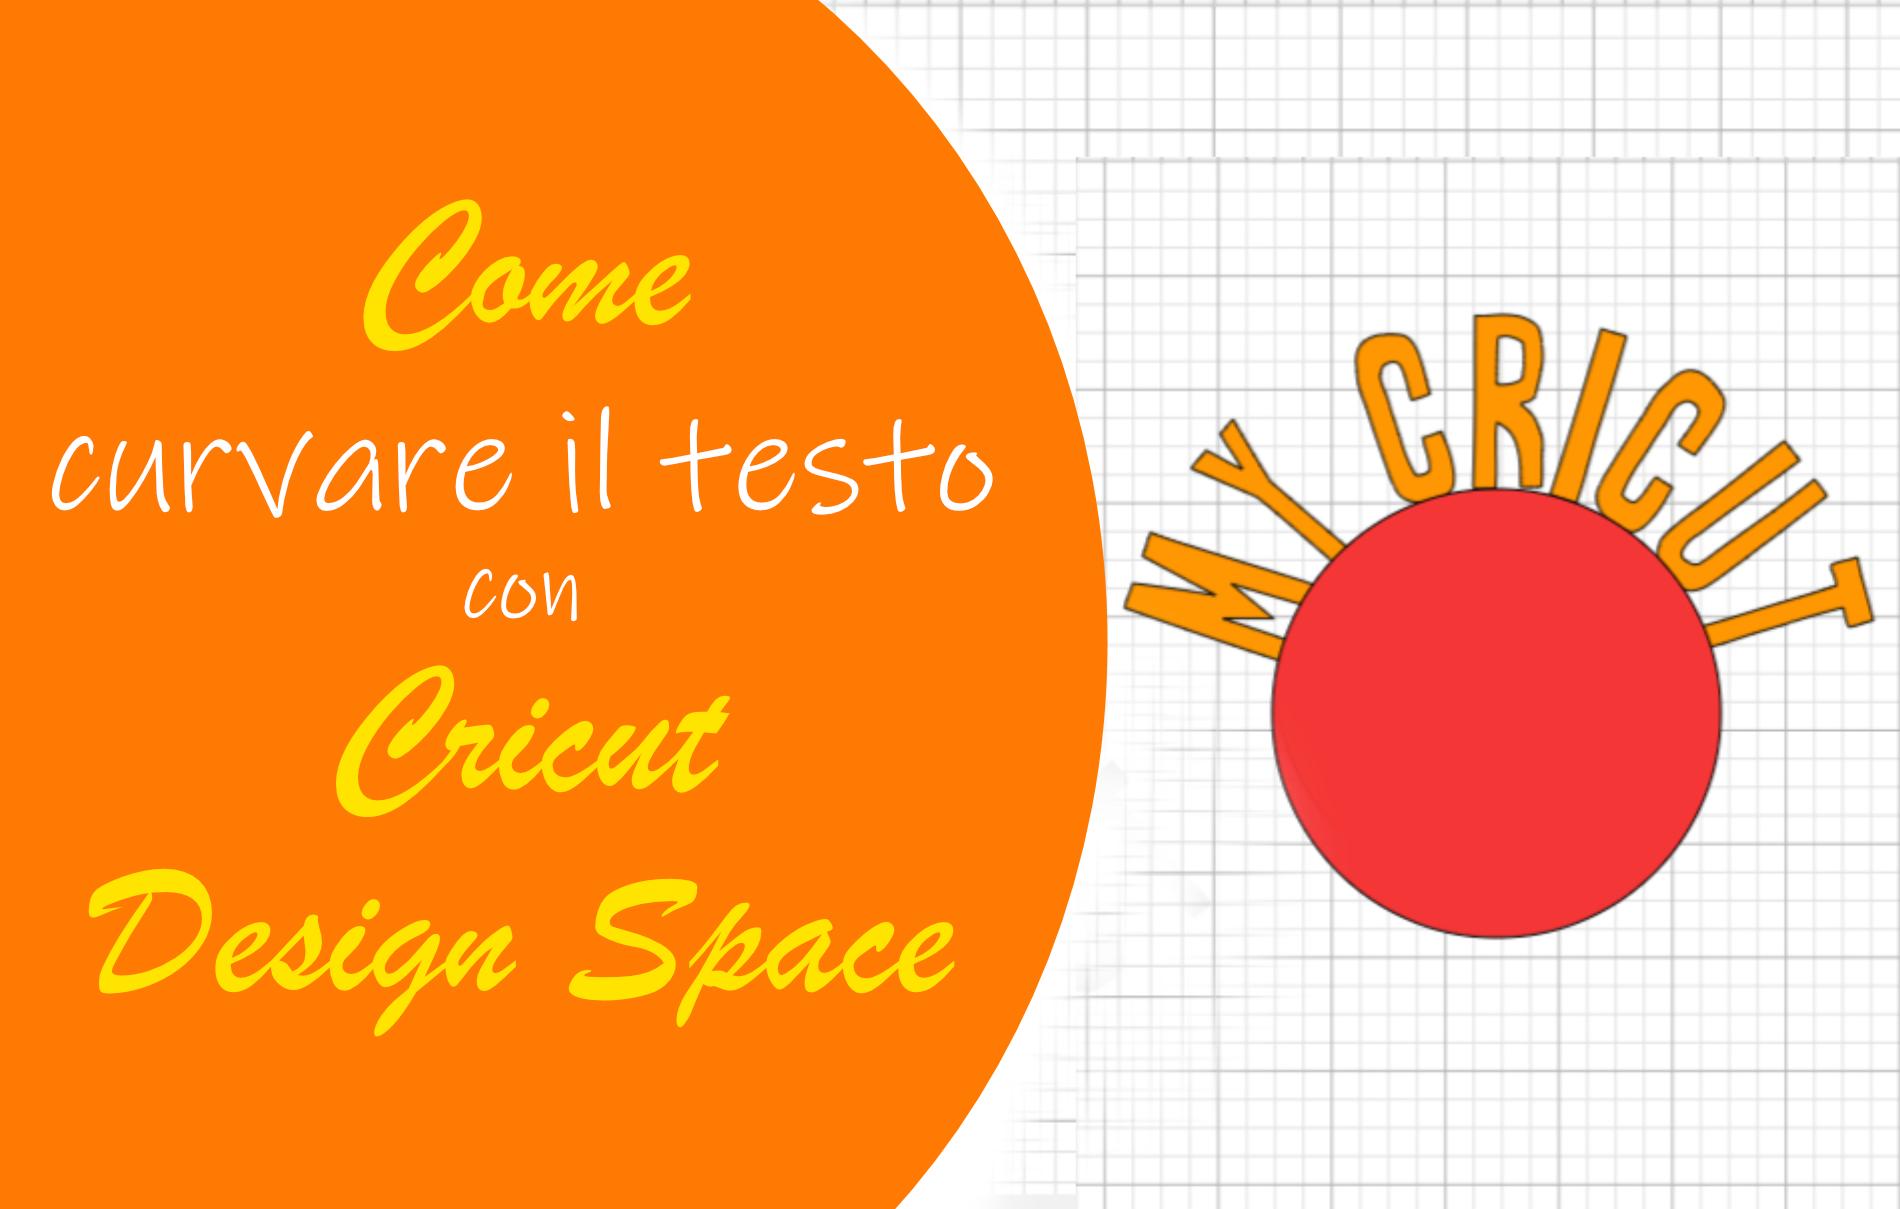 Curvare il testo con Cricut Design Space